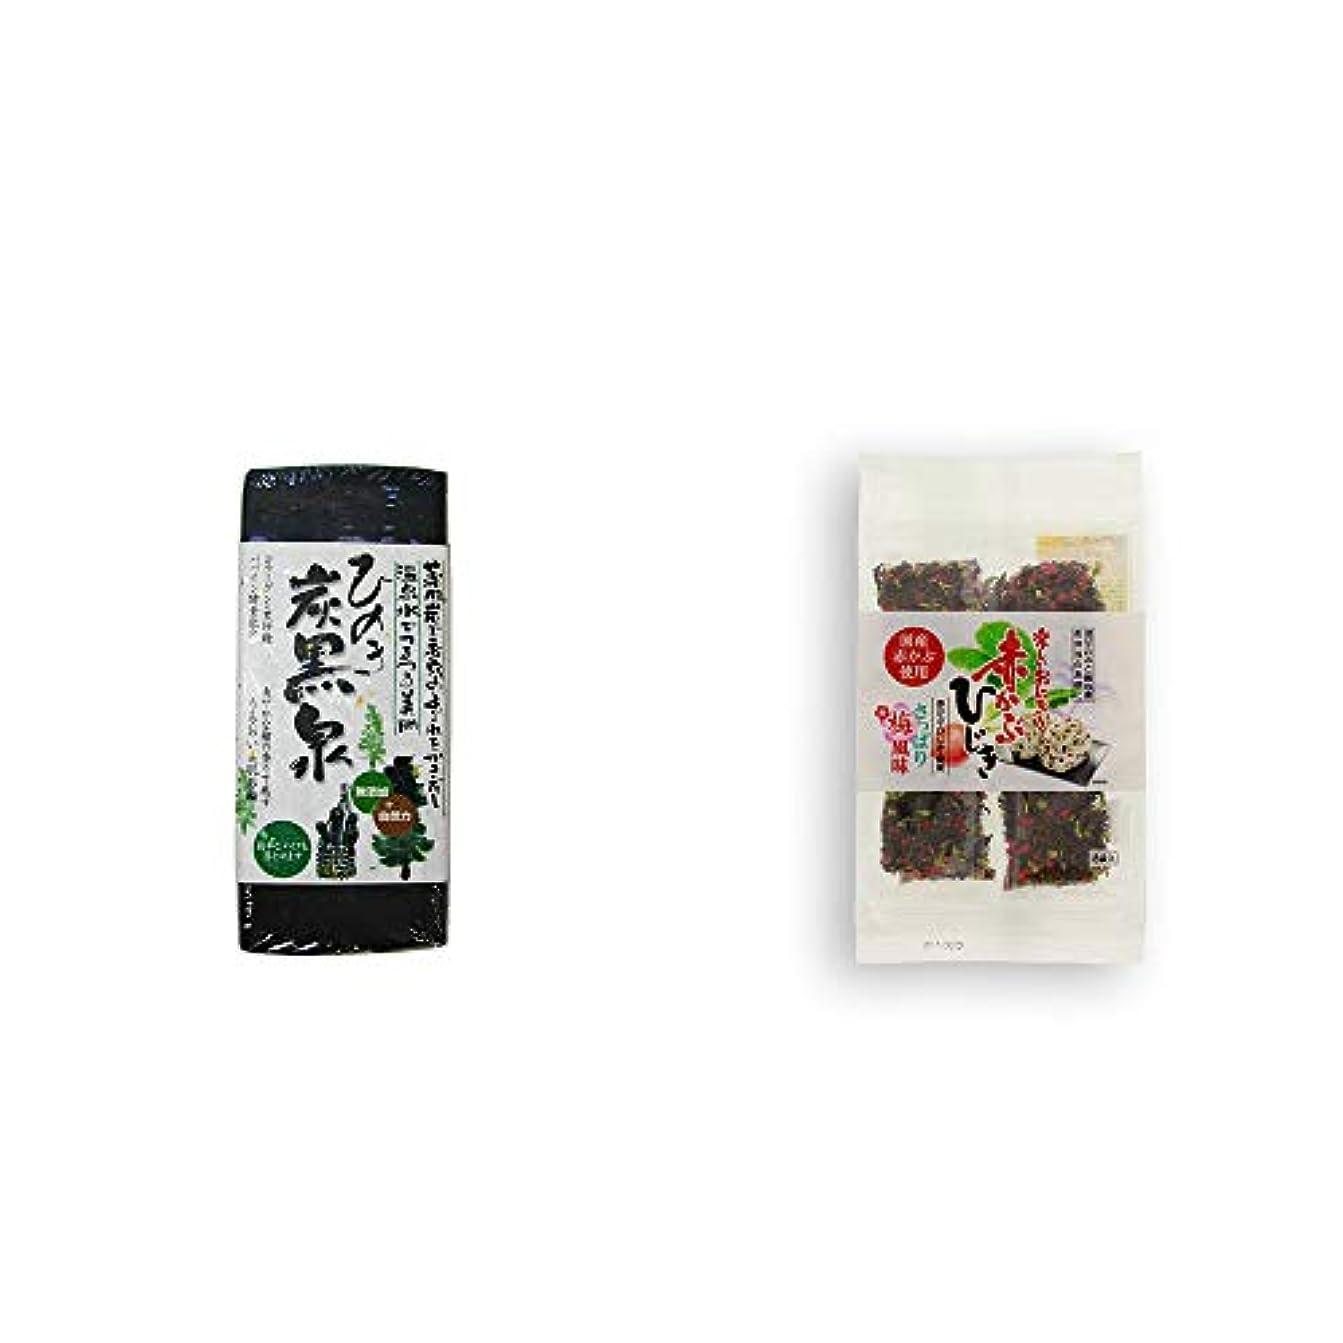 光沢のある暖炉スマート[2点セット] ひのき炭黒泉(75g×2)?楽しいおにぎり 赤かぶひじき(8g×8袋)